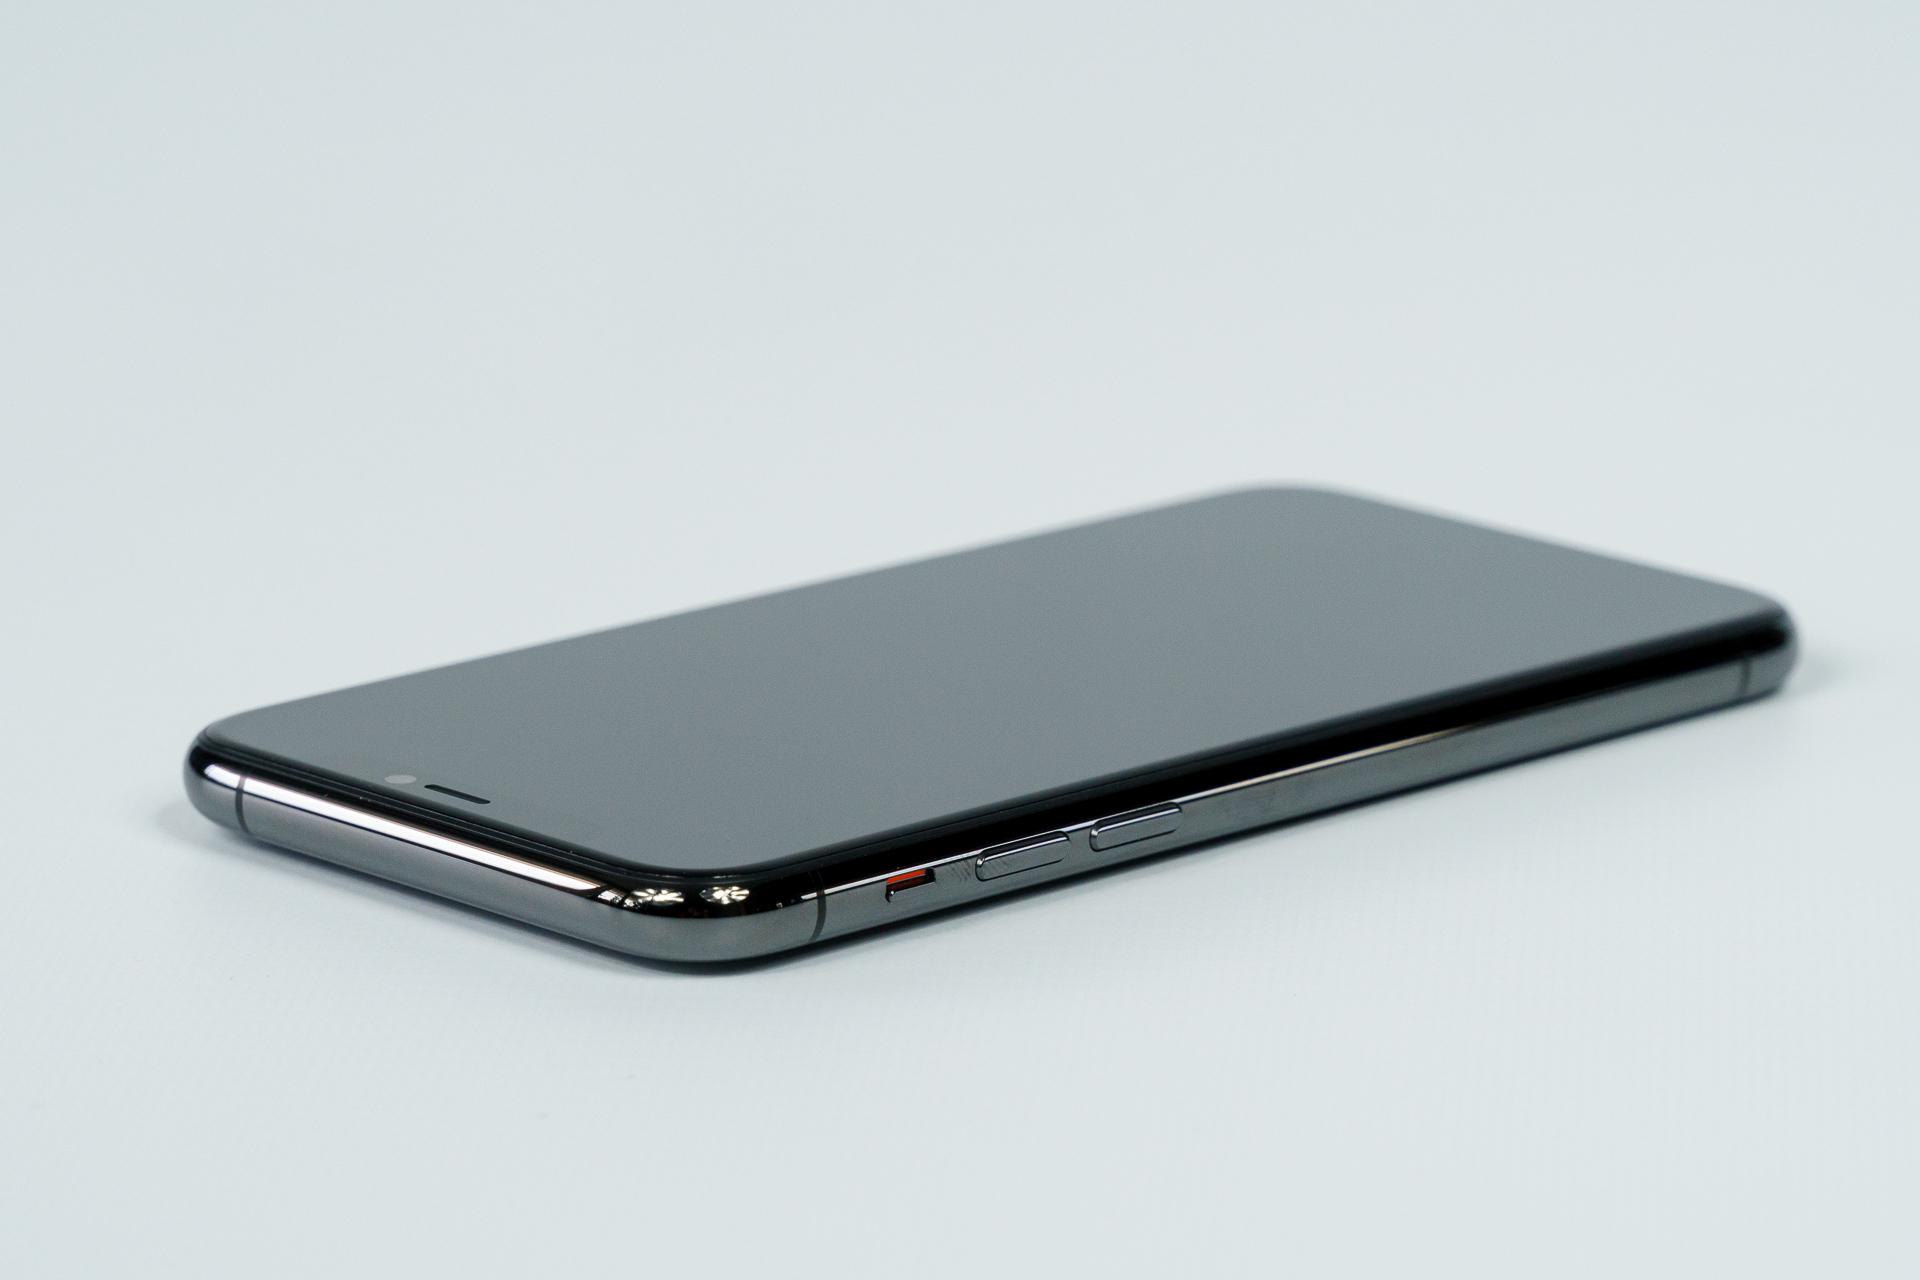 Recenzja iPhone'a 11 Pro - w małym ciele wielki duch 21 Recenzja iPhone'a 11 Pro